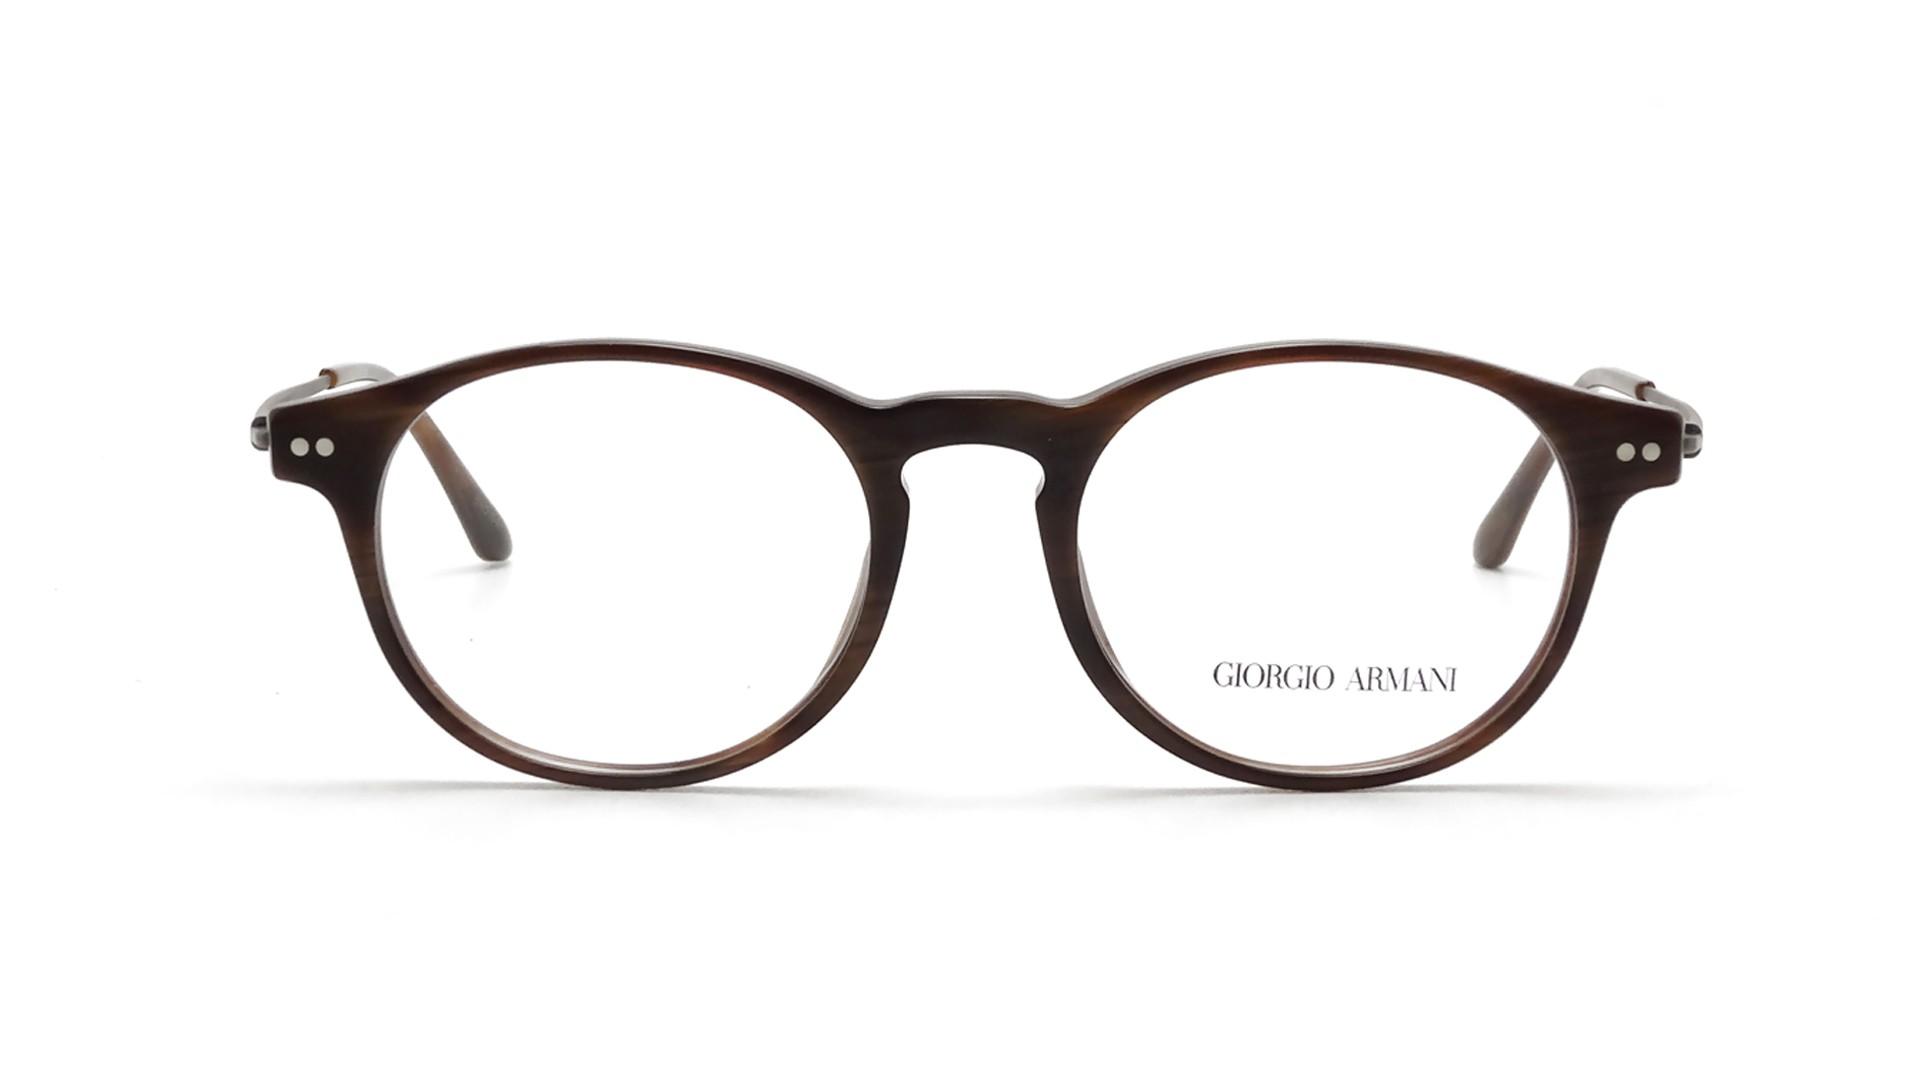 4a0cc9713e Giorgio Armani Frames of Life Brun AR7010 5023 49-18